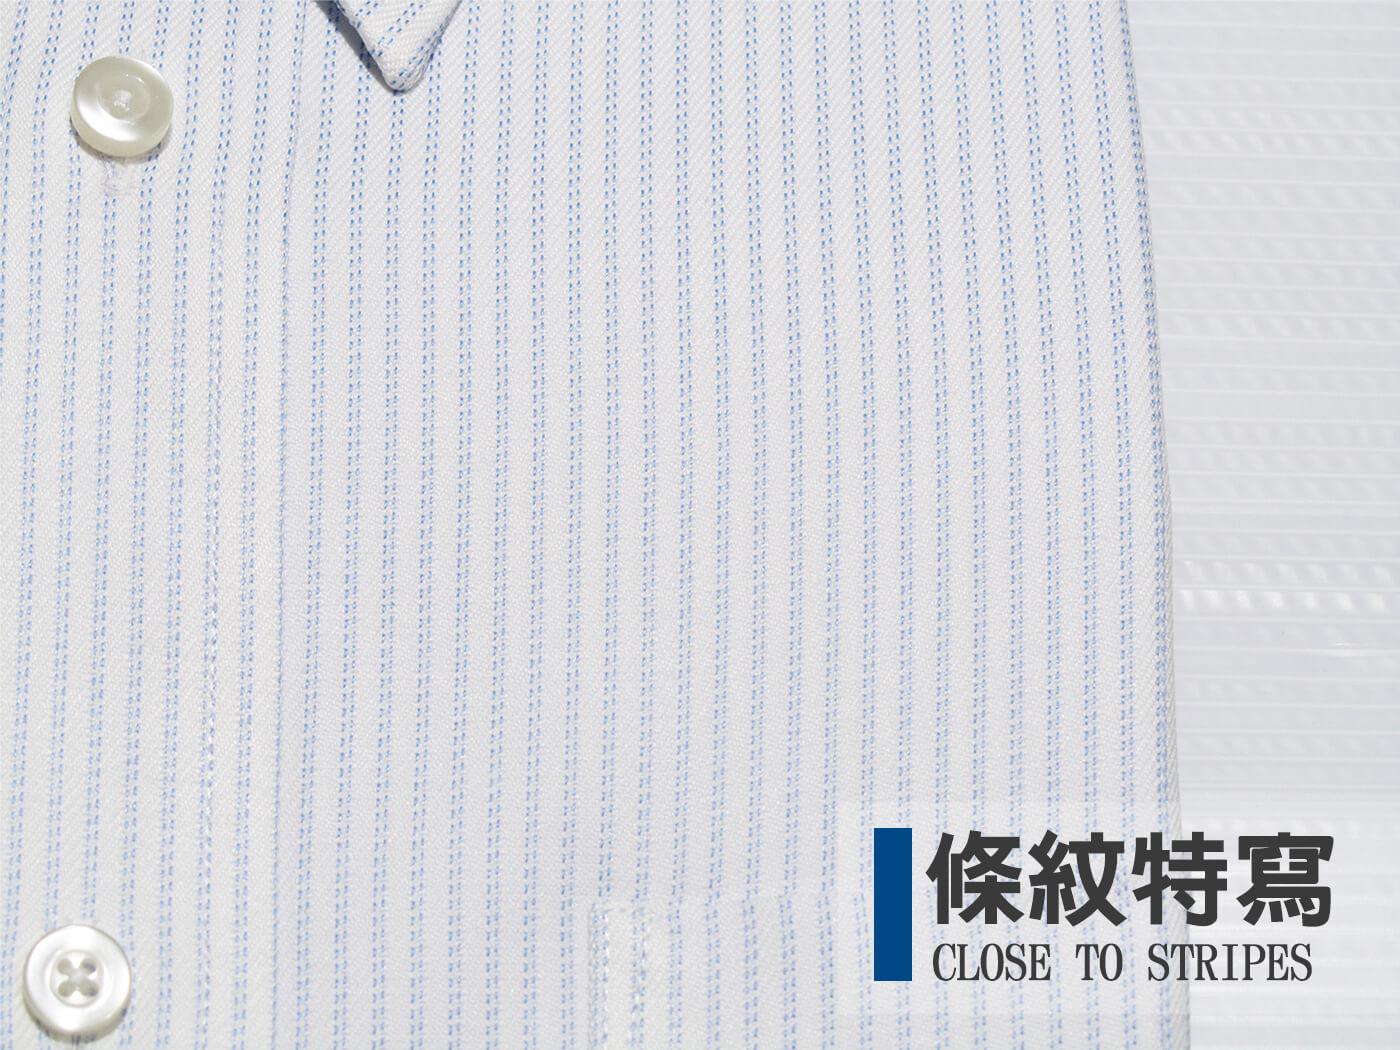 腰身剪裁防皺襯衫 吸濕排汗機能布料直條紋襯衫 柔軟舒適標準襯衫 正式襯衫 保暖襯衫 面試襯衫 上班族襯衫 商務襯衫 長袖襯衫 (322-3971)白色條紋、(322-3972)藍白條紋、(322-3976)藍點條紋、(322-3978)紫白條紋 領圍:15~18英吋 [實體店面保障] sun-e322 7